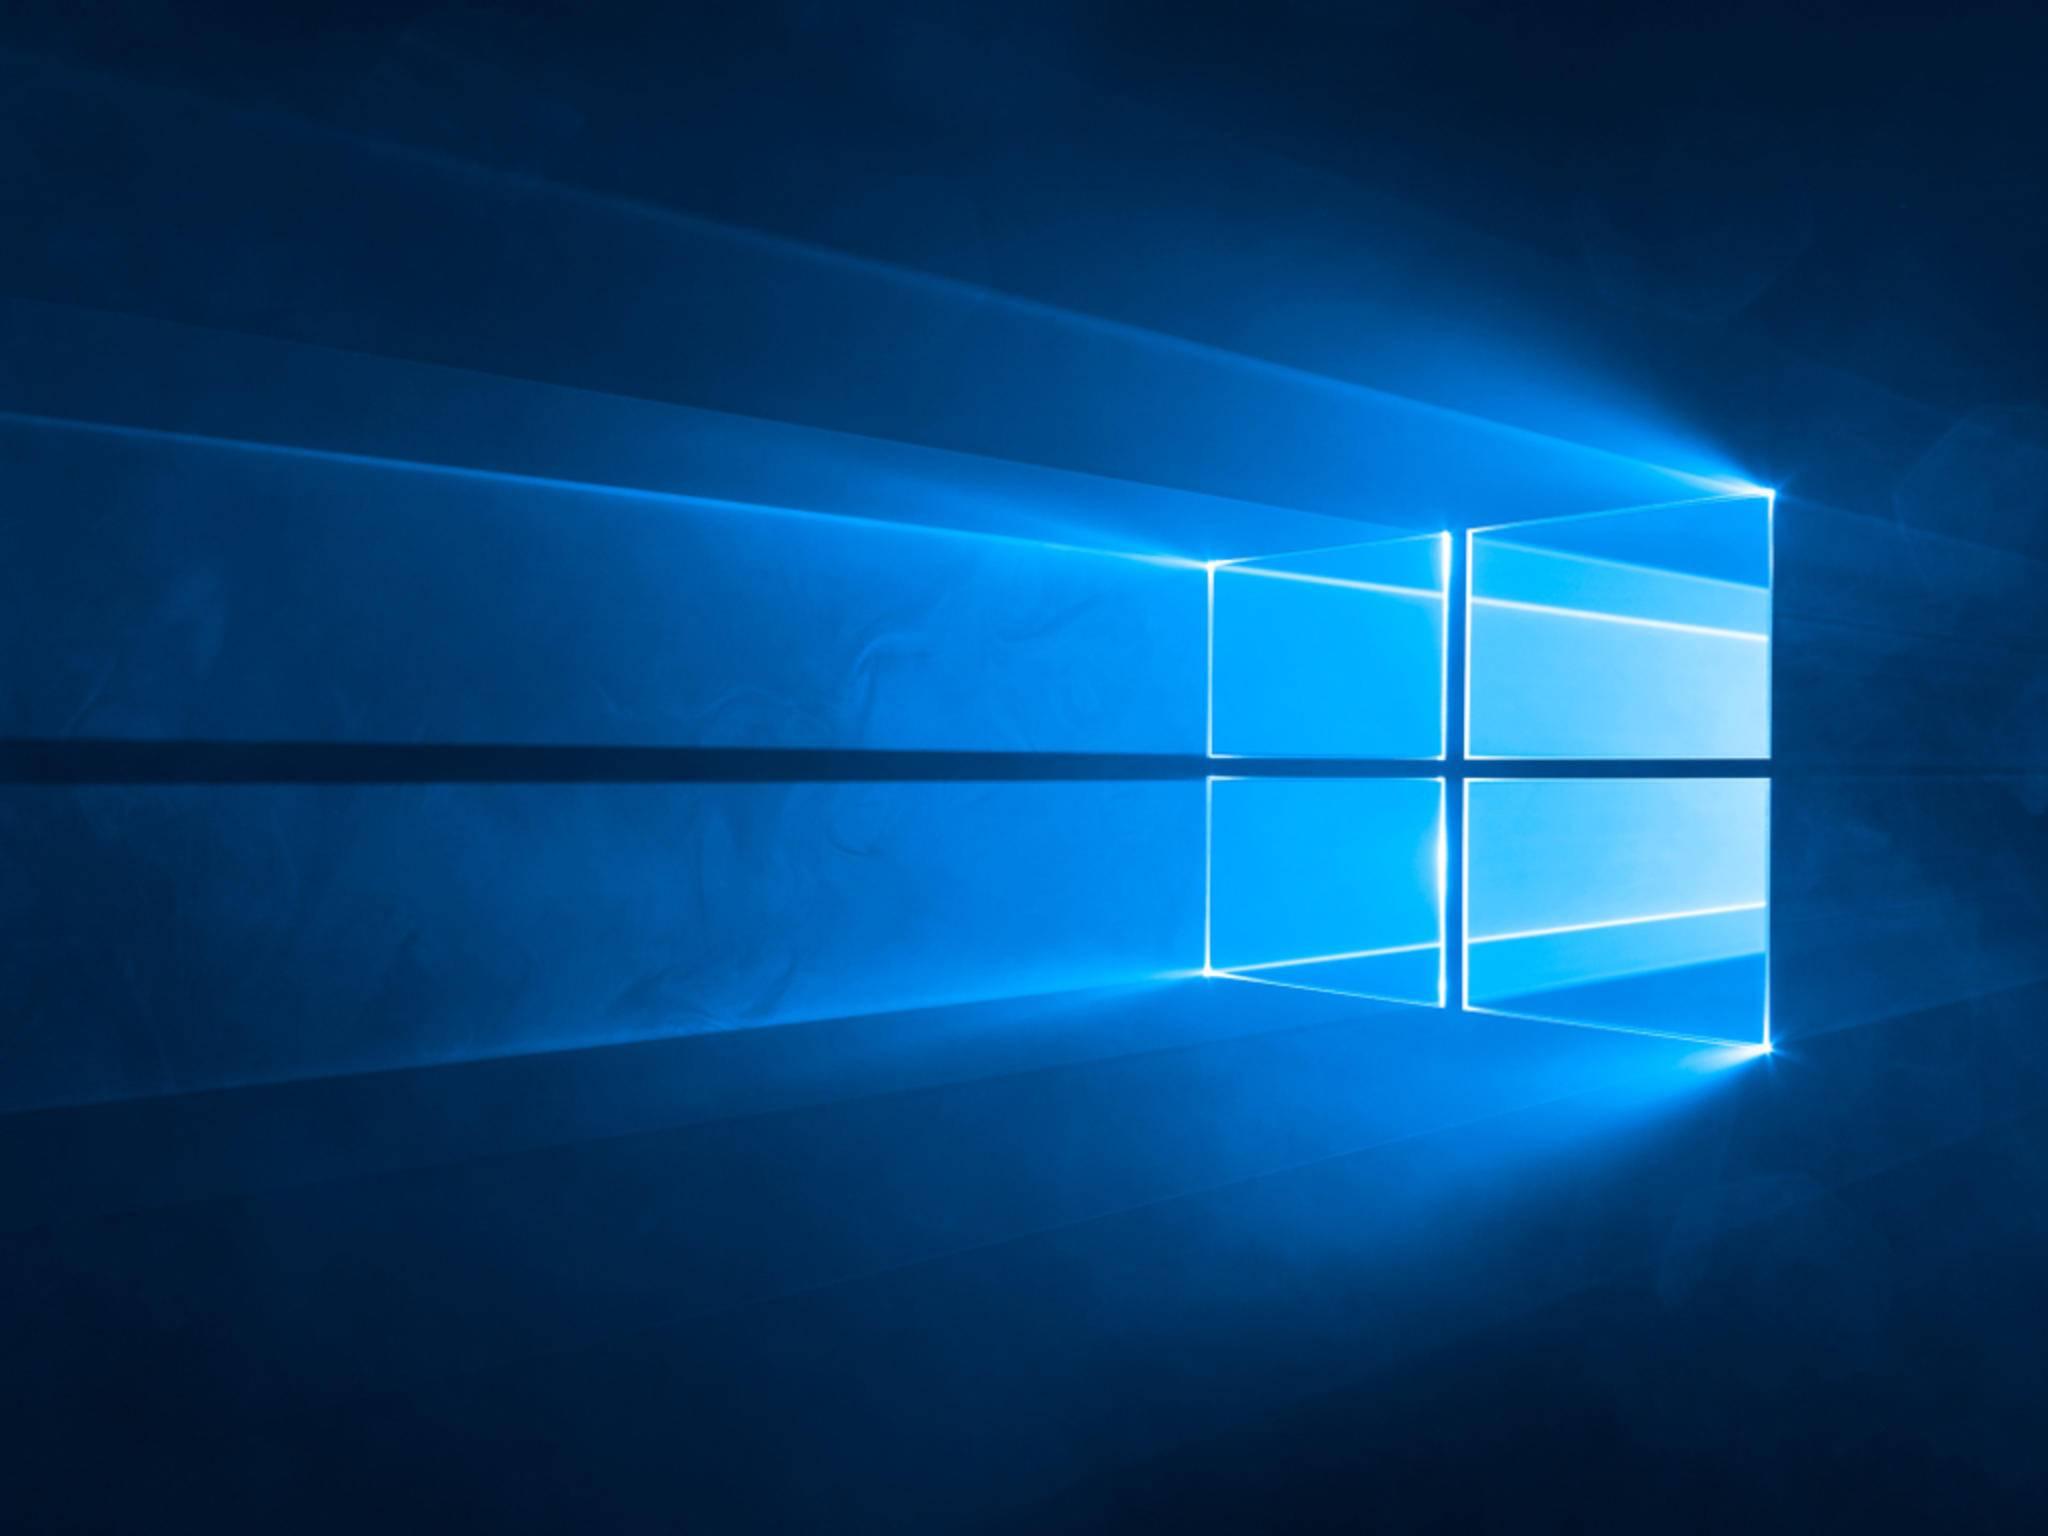 Aufregung bei PC-Usern: Wird Windows 10 zum Zwang?